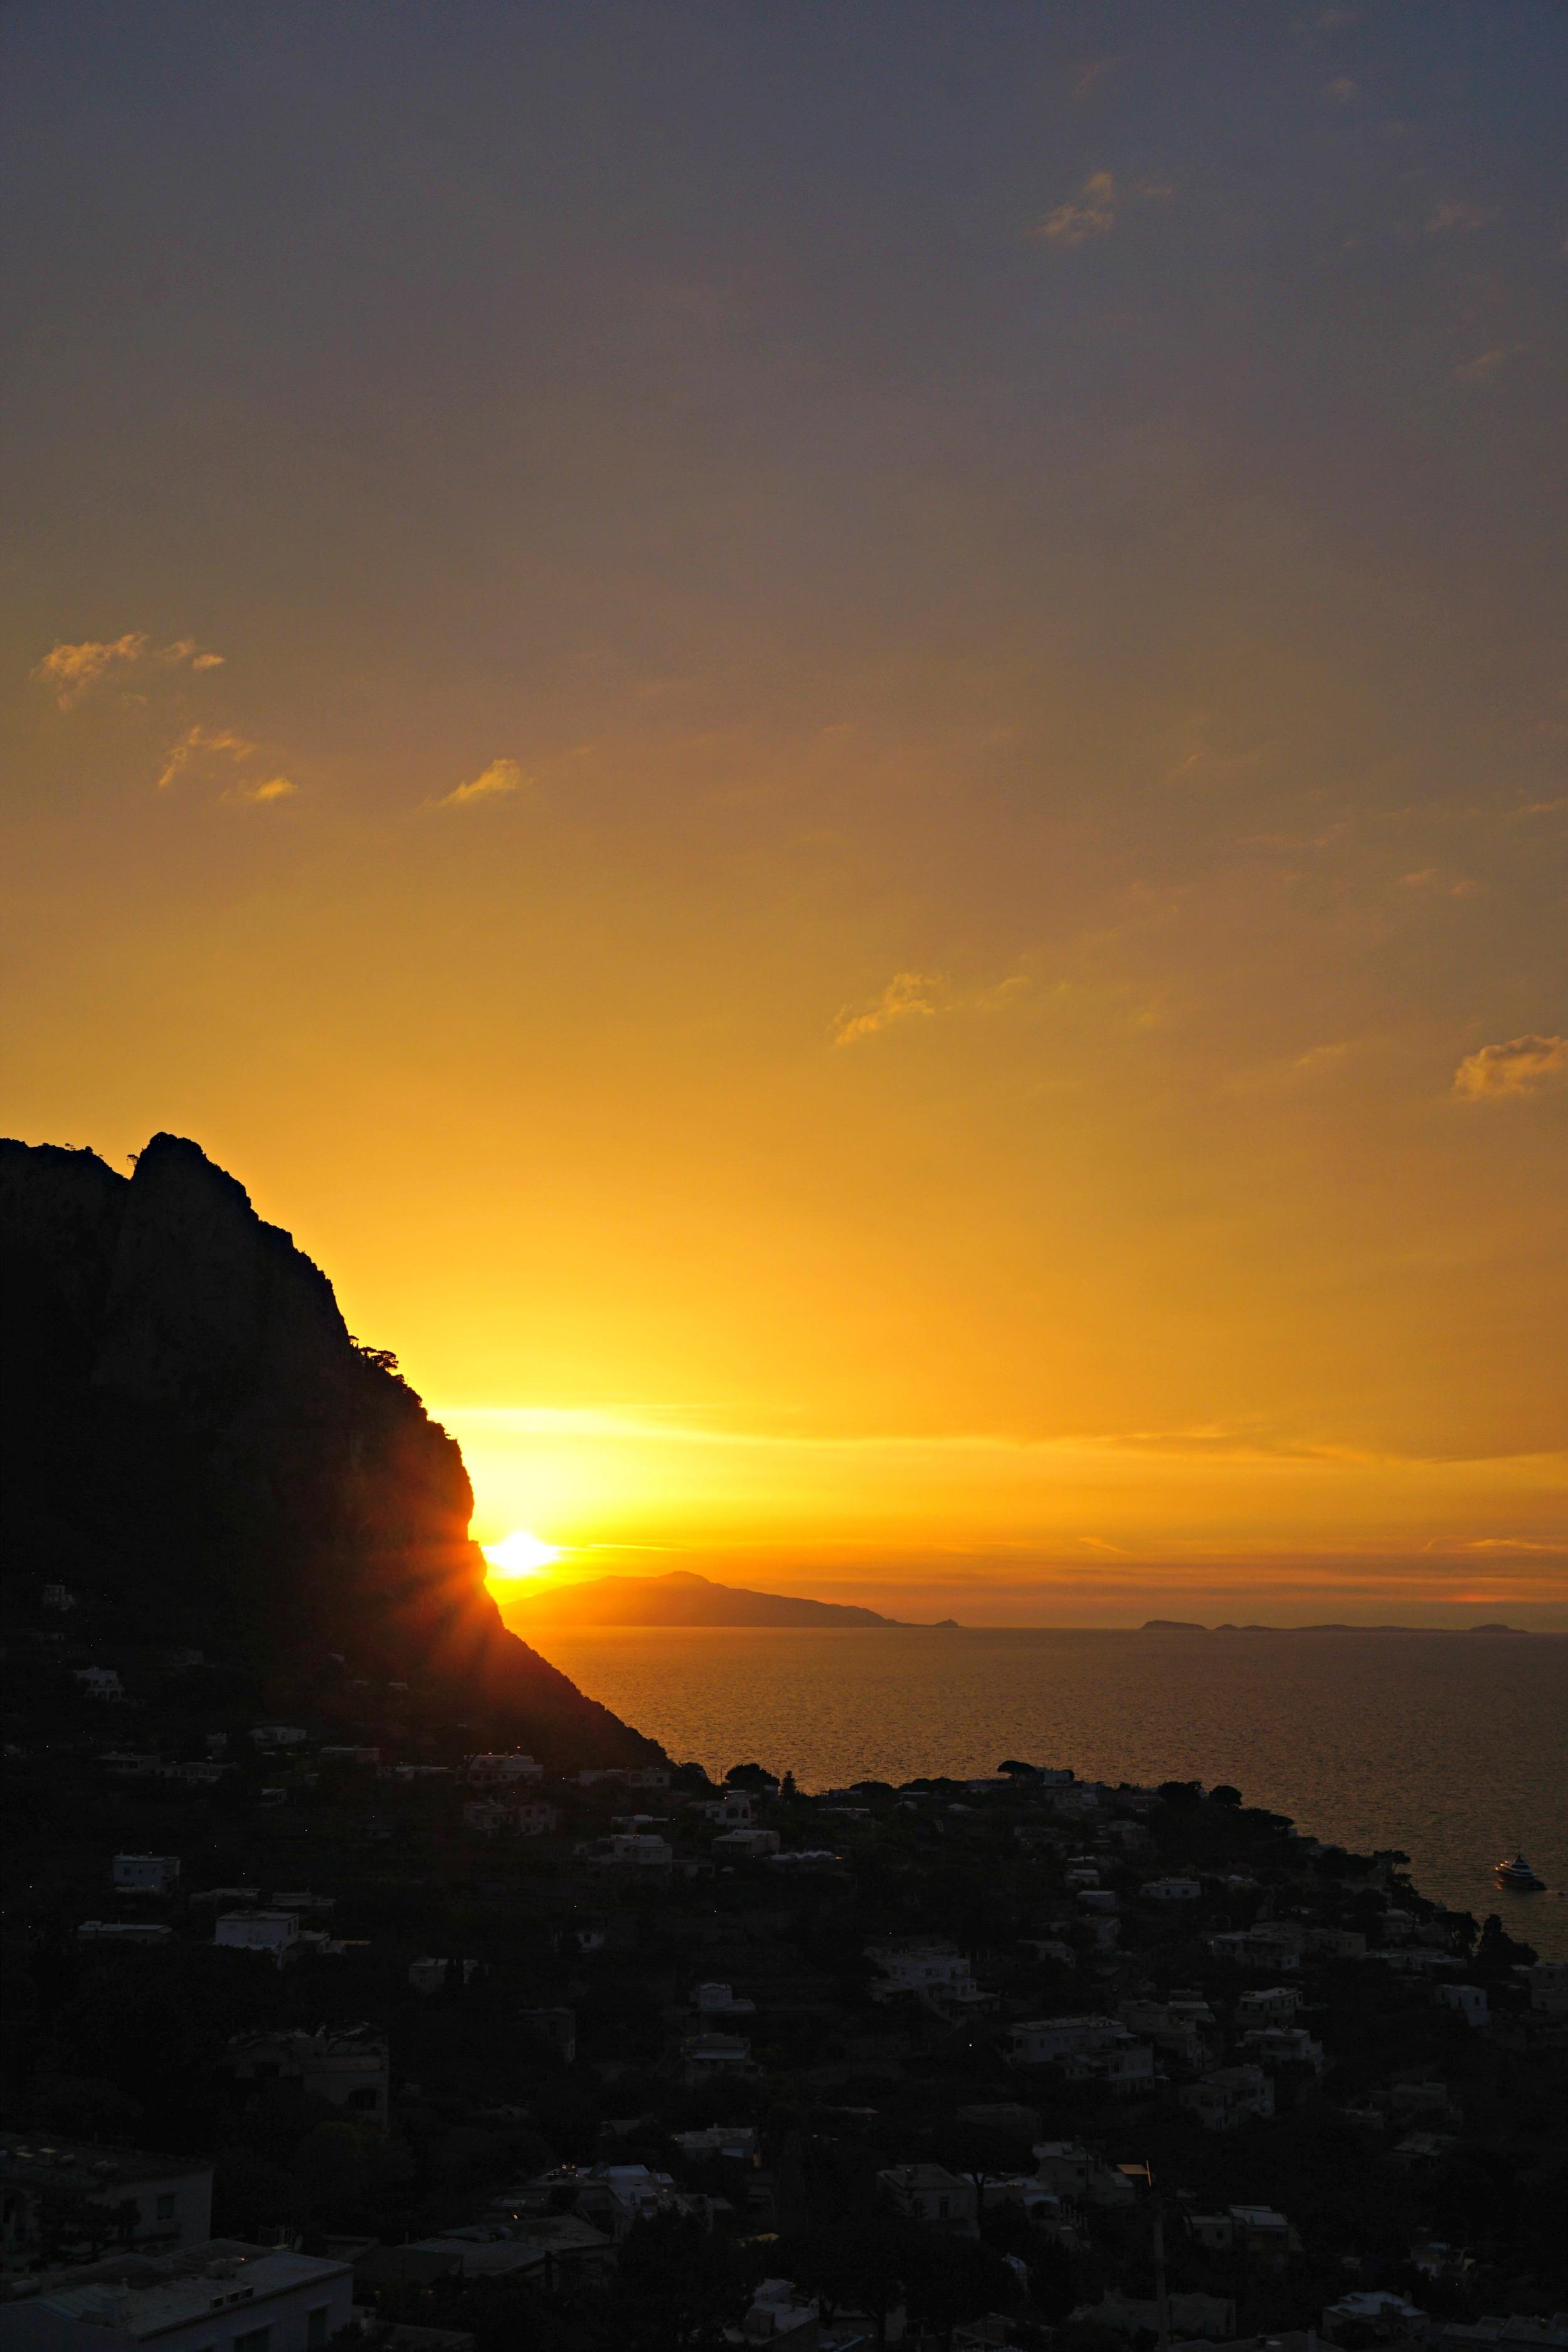 The Ordinary Lovely: Sunset in Capri